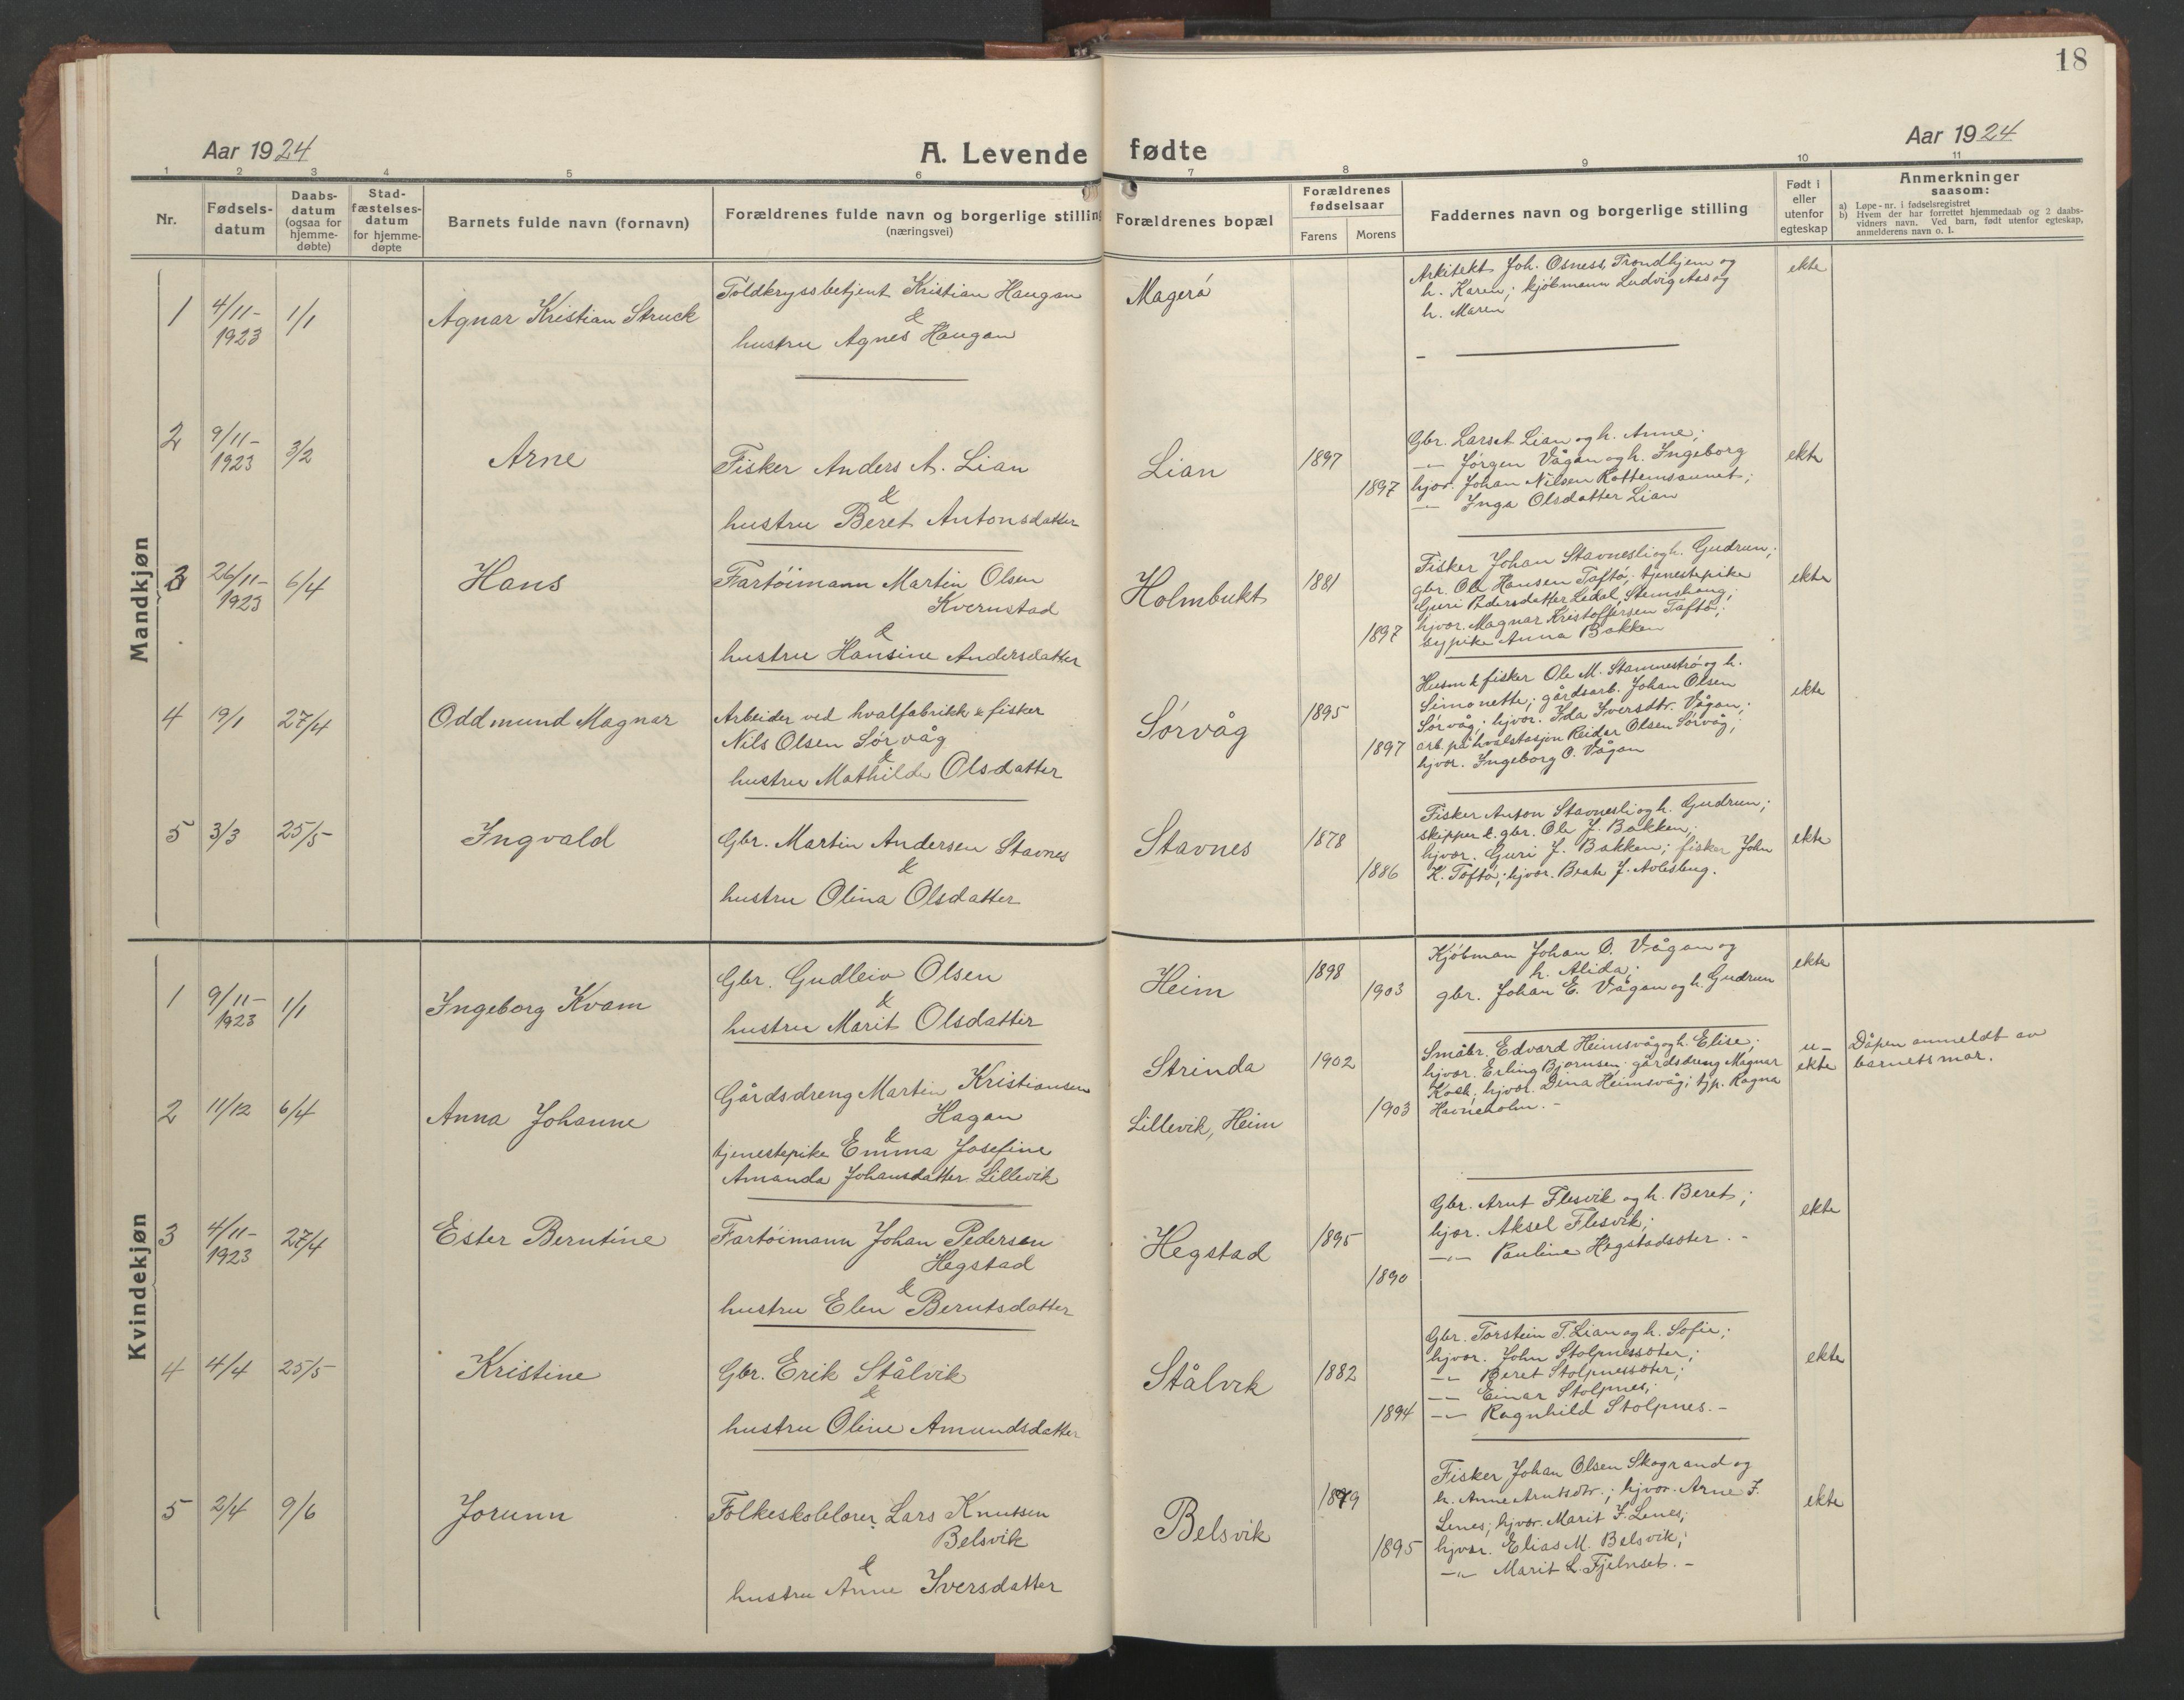 SAT, Ministerialprotokoller, klokkerbøker og fødselsregistre - Sør-Trøndelag, 633/L0521: Klokkerbok nr. 633C03, 1921-1941, s. 18